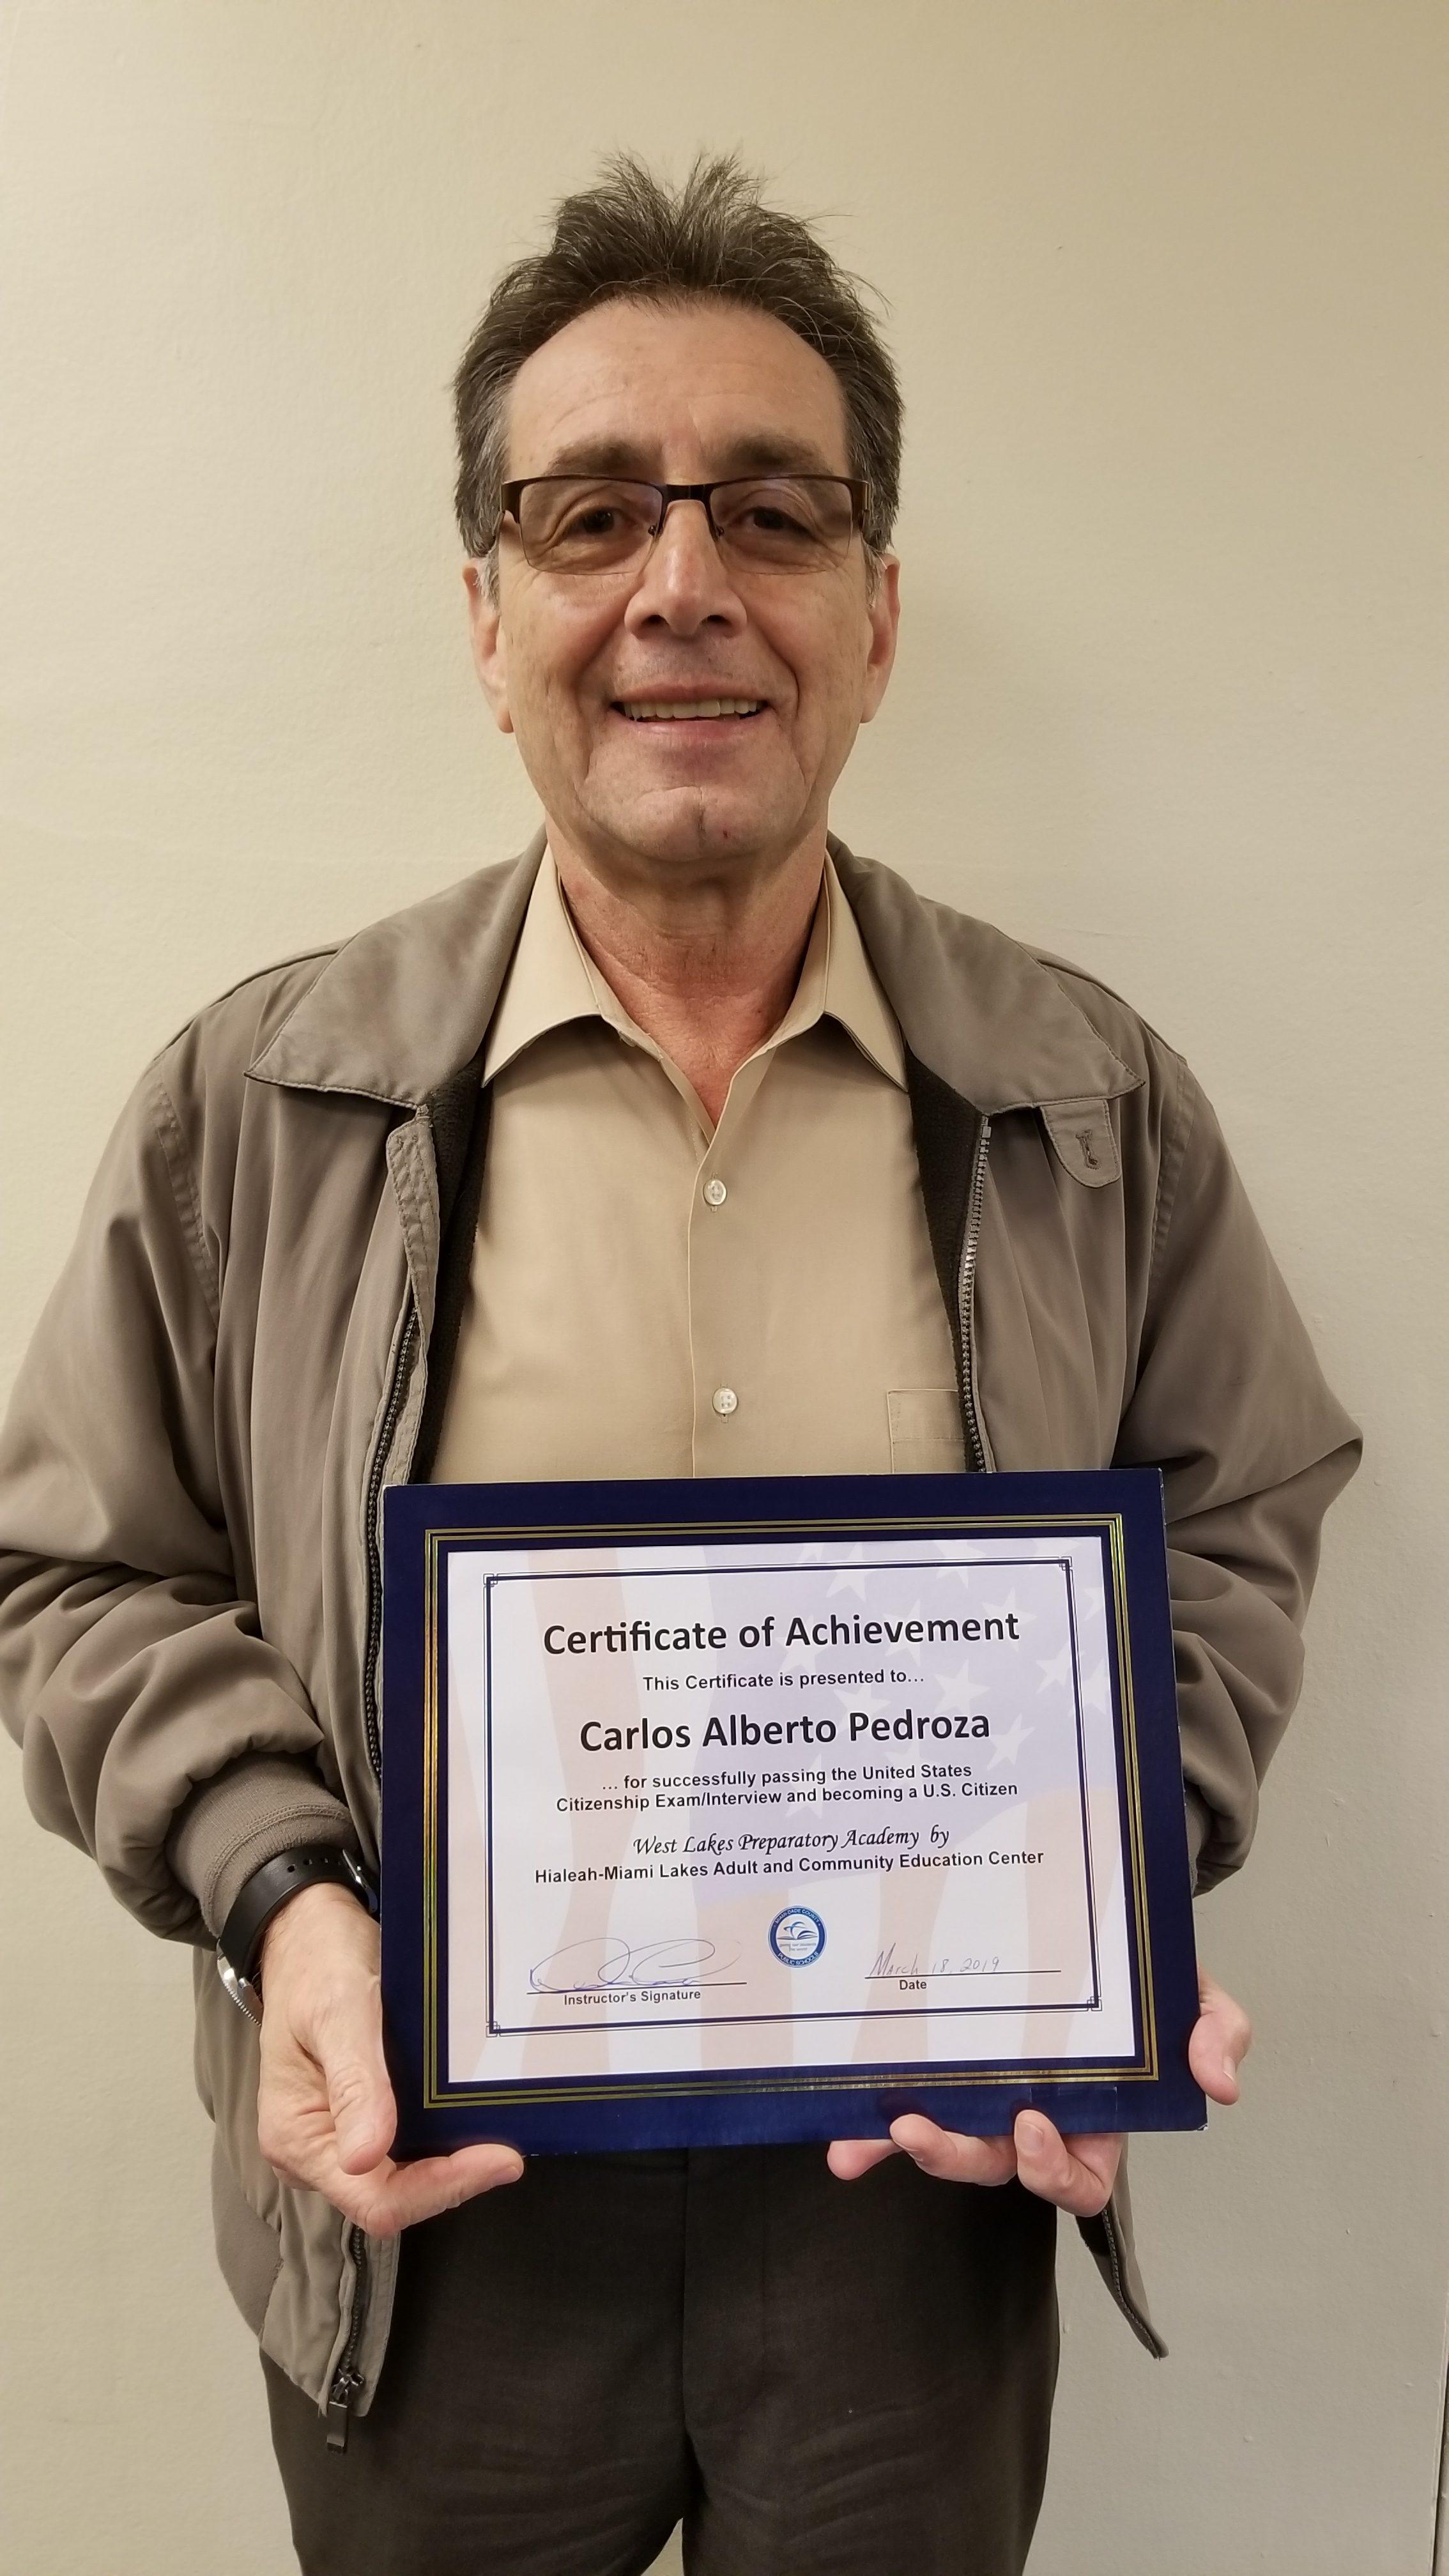 Carlos Alberto Pedroza